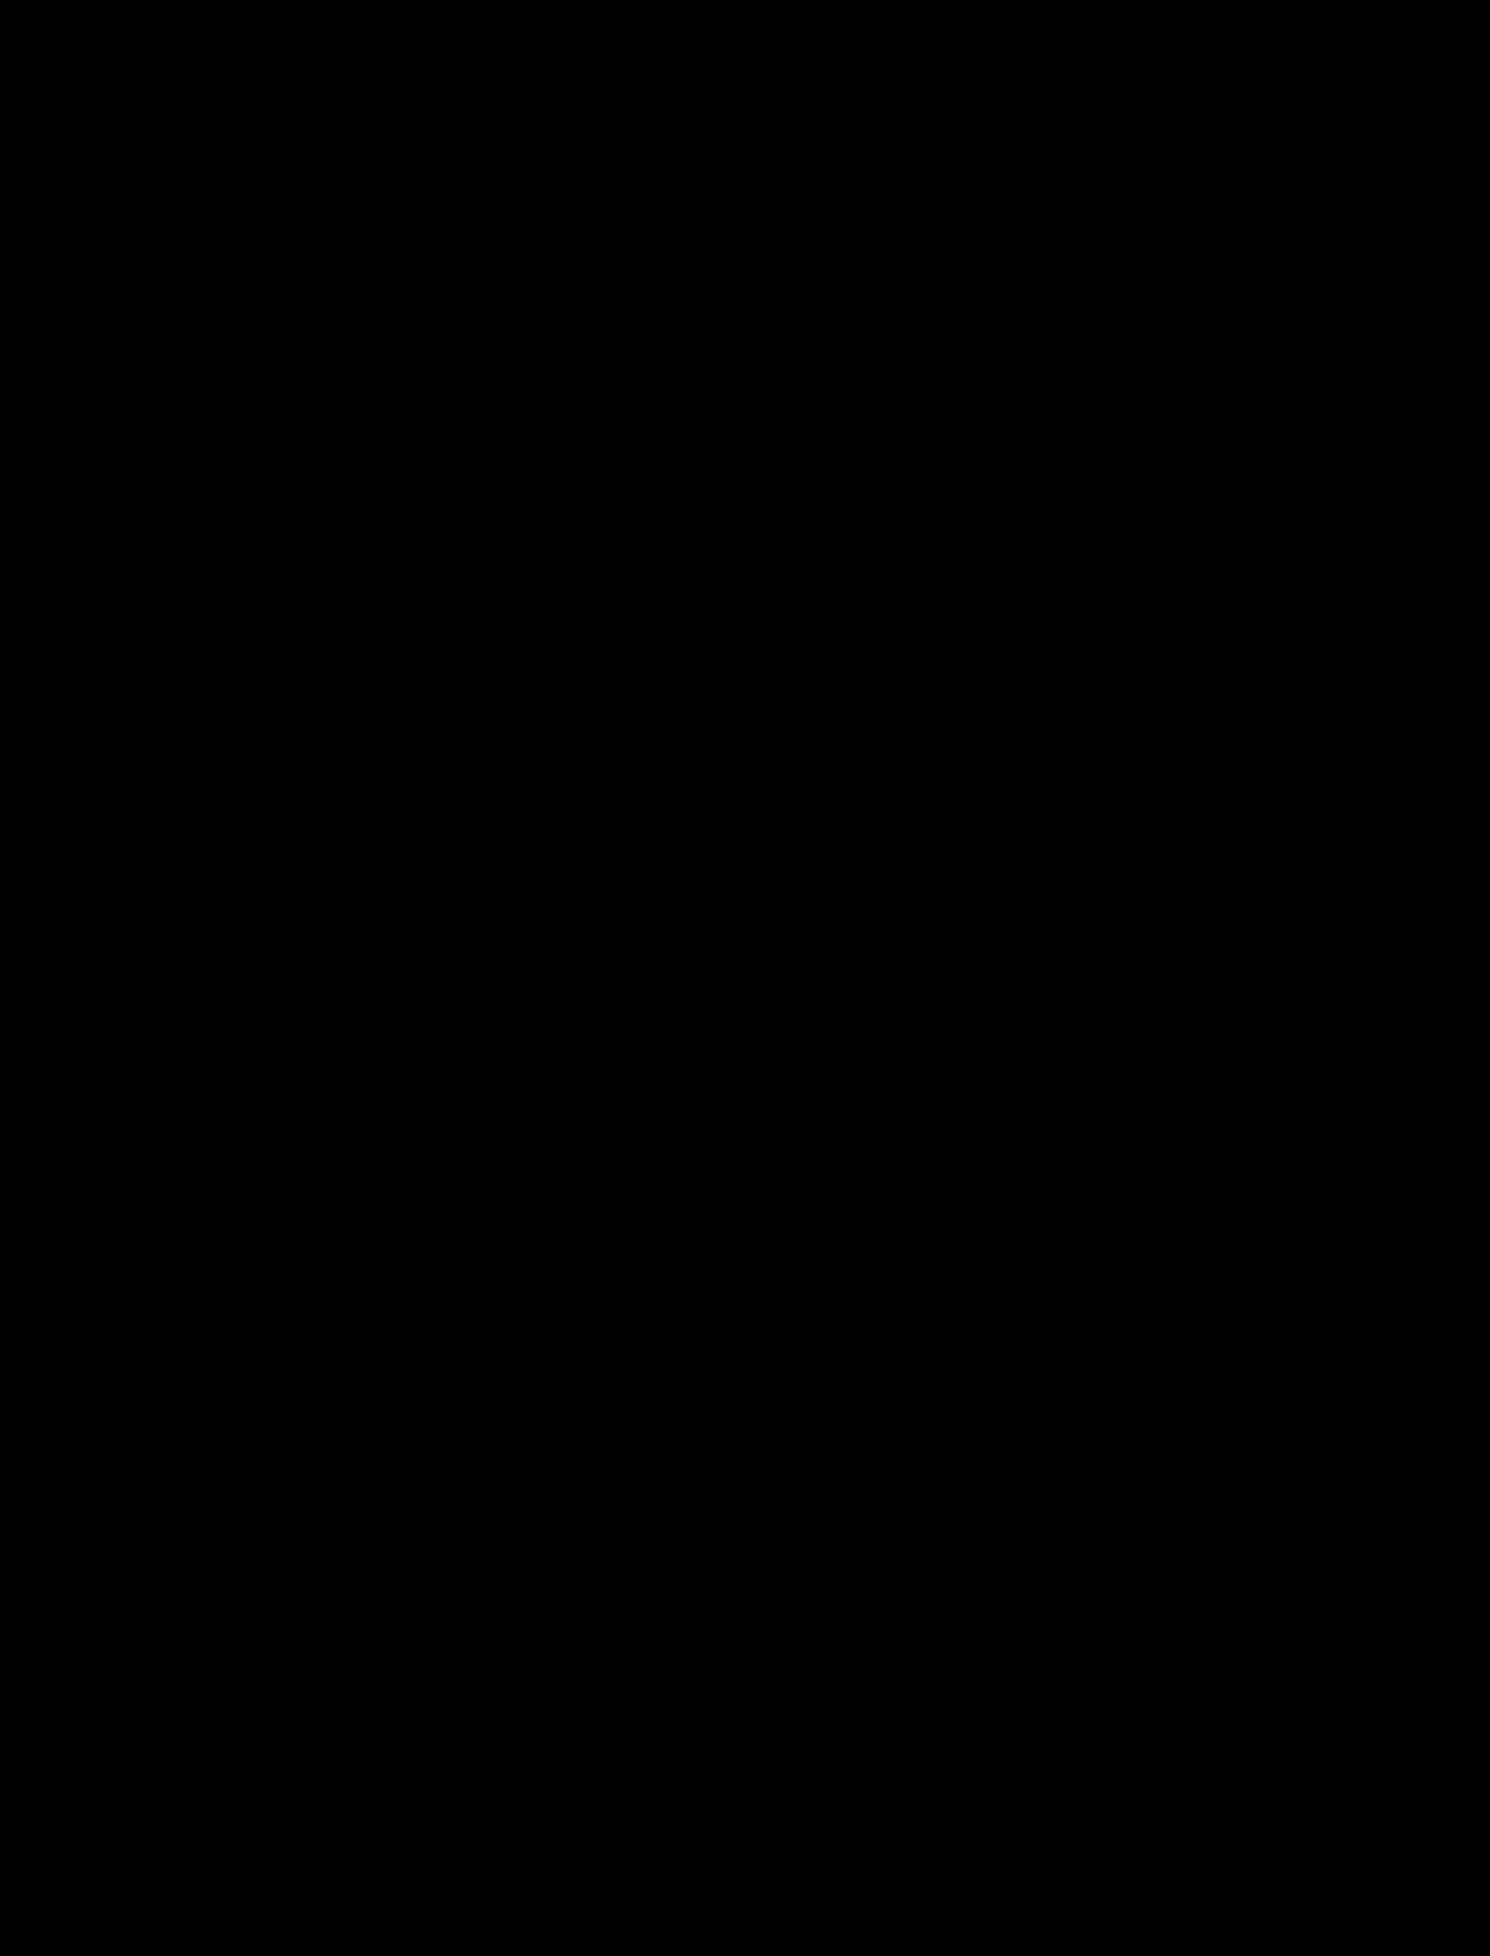 Limpiador de Cristales de Chimeneas y Barbacoas Moblysol